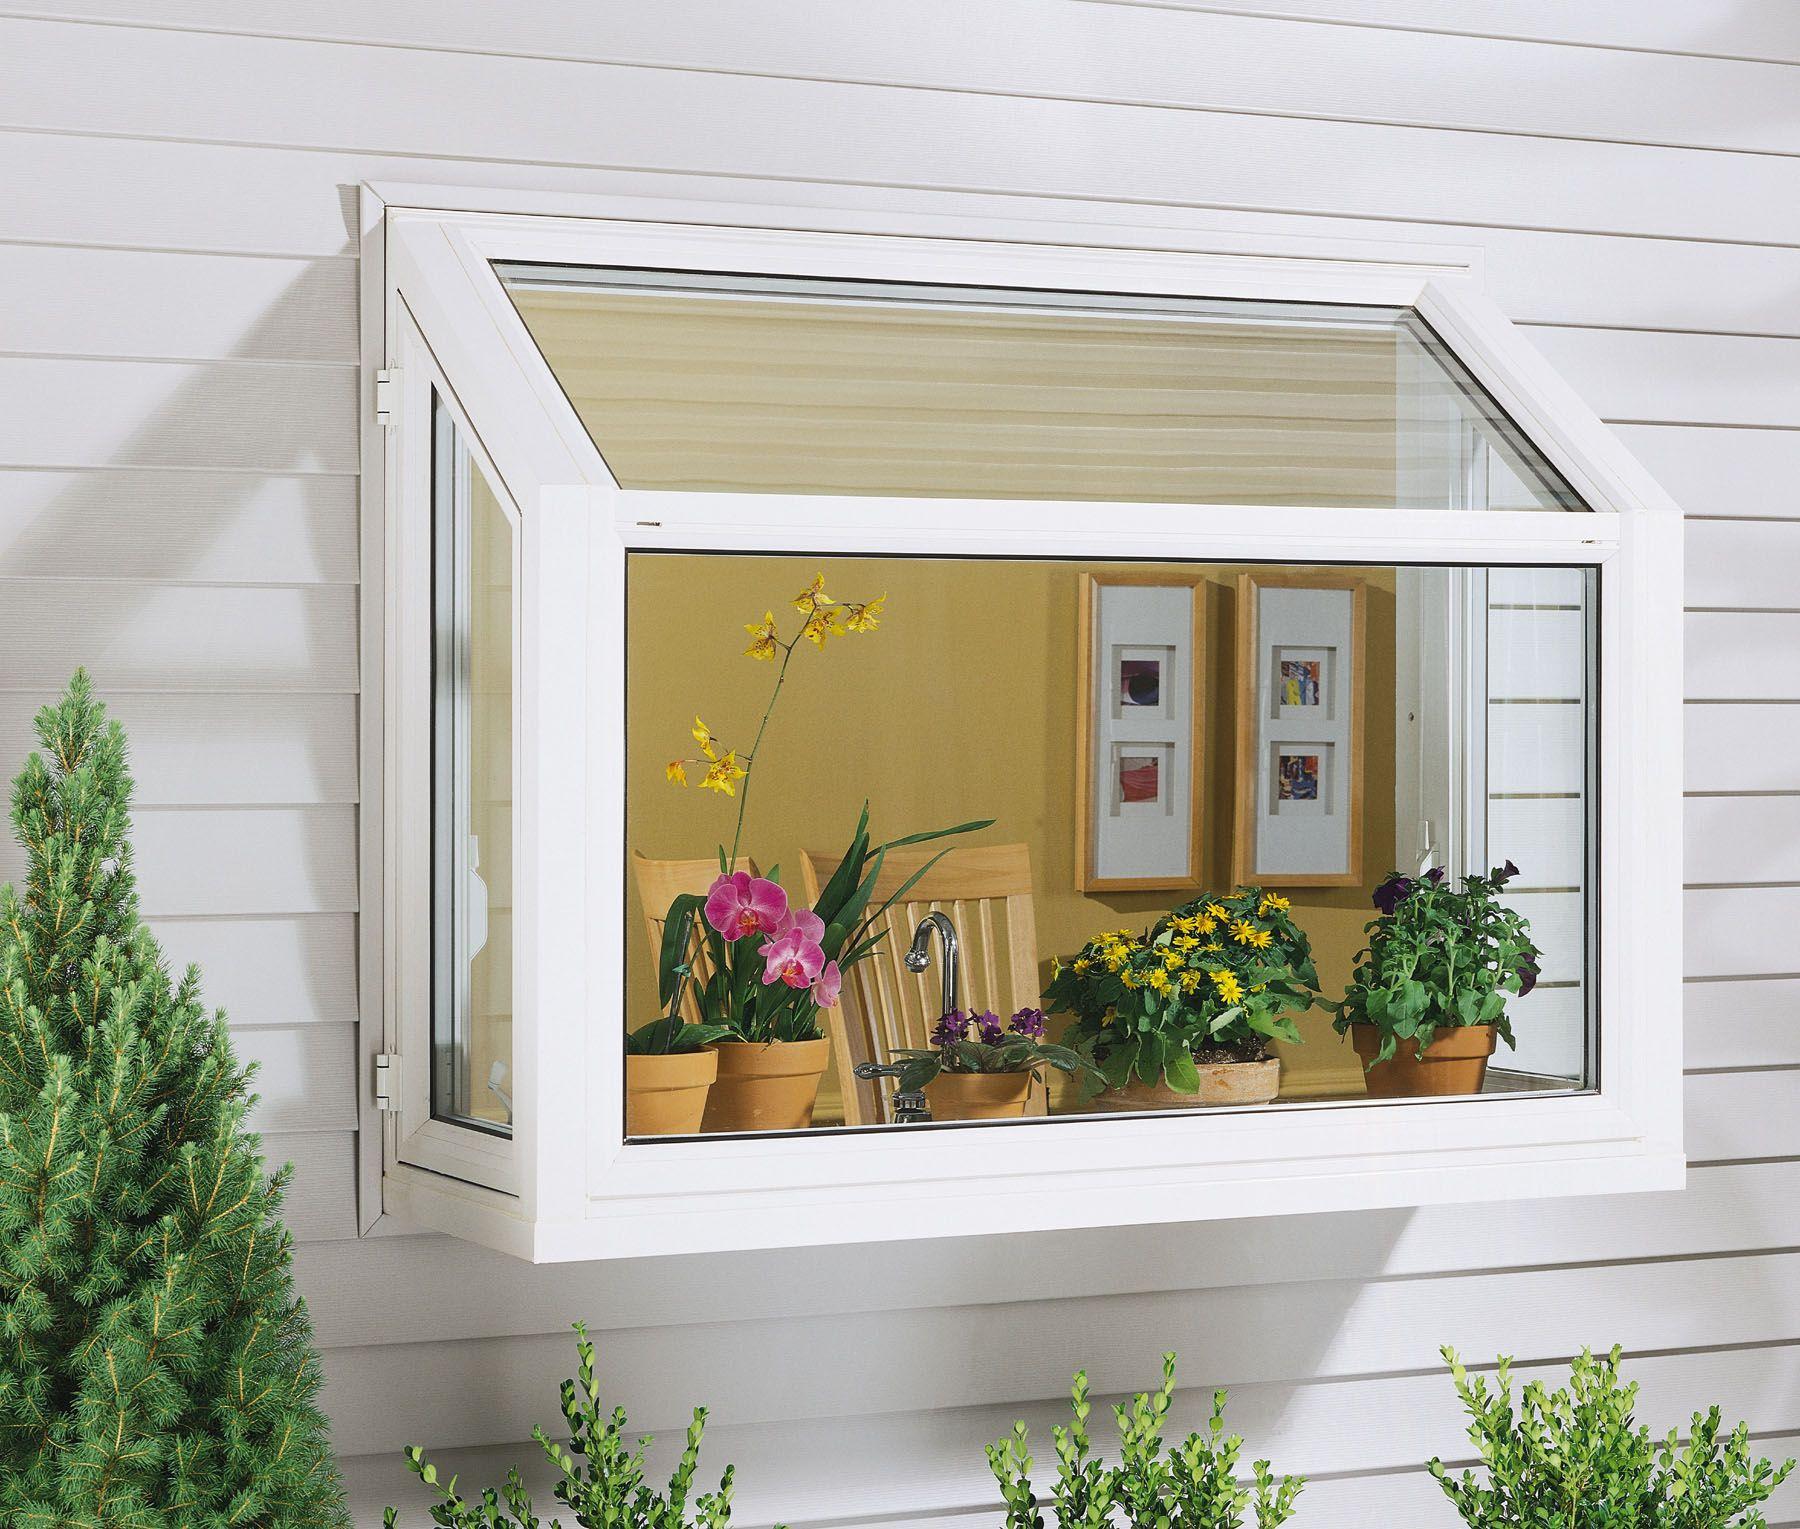 Kitchen Garden Greenhouse Window: Garden Window Replacement Prices & Materials